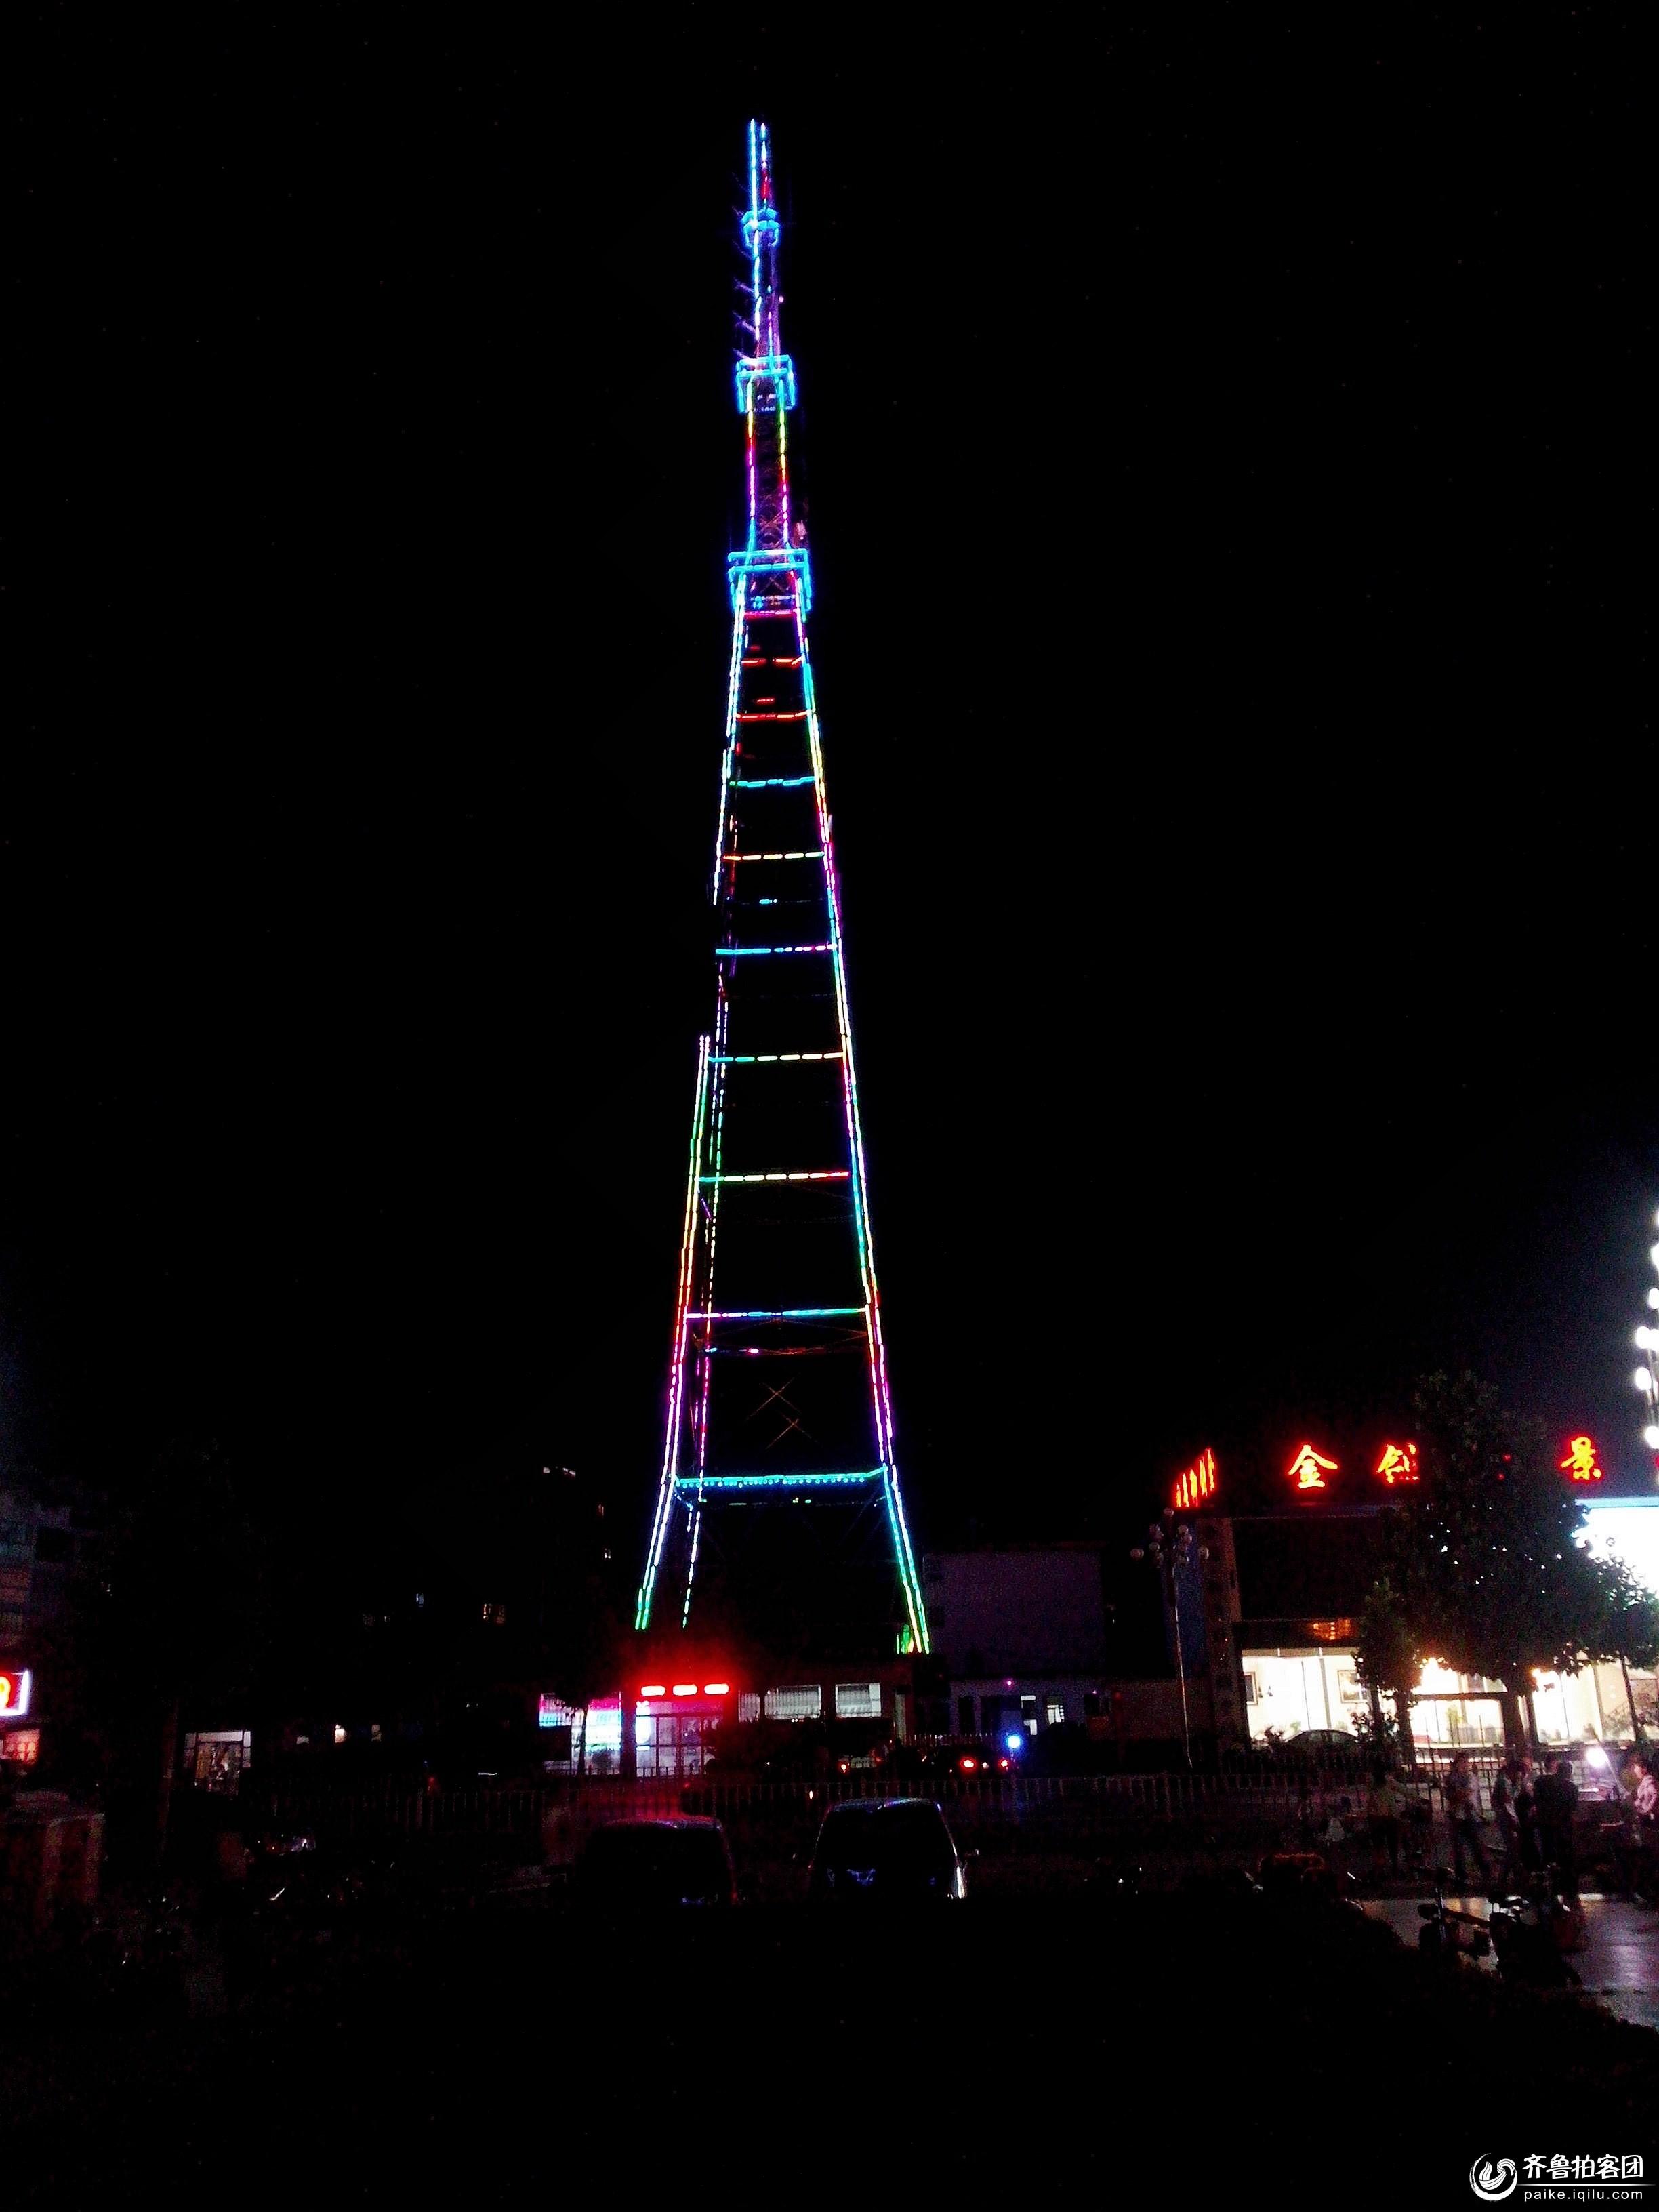 黑夜中的电视塔